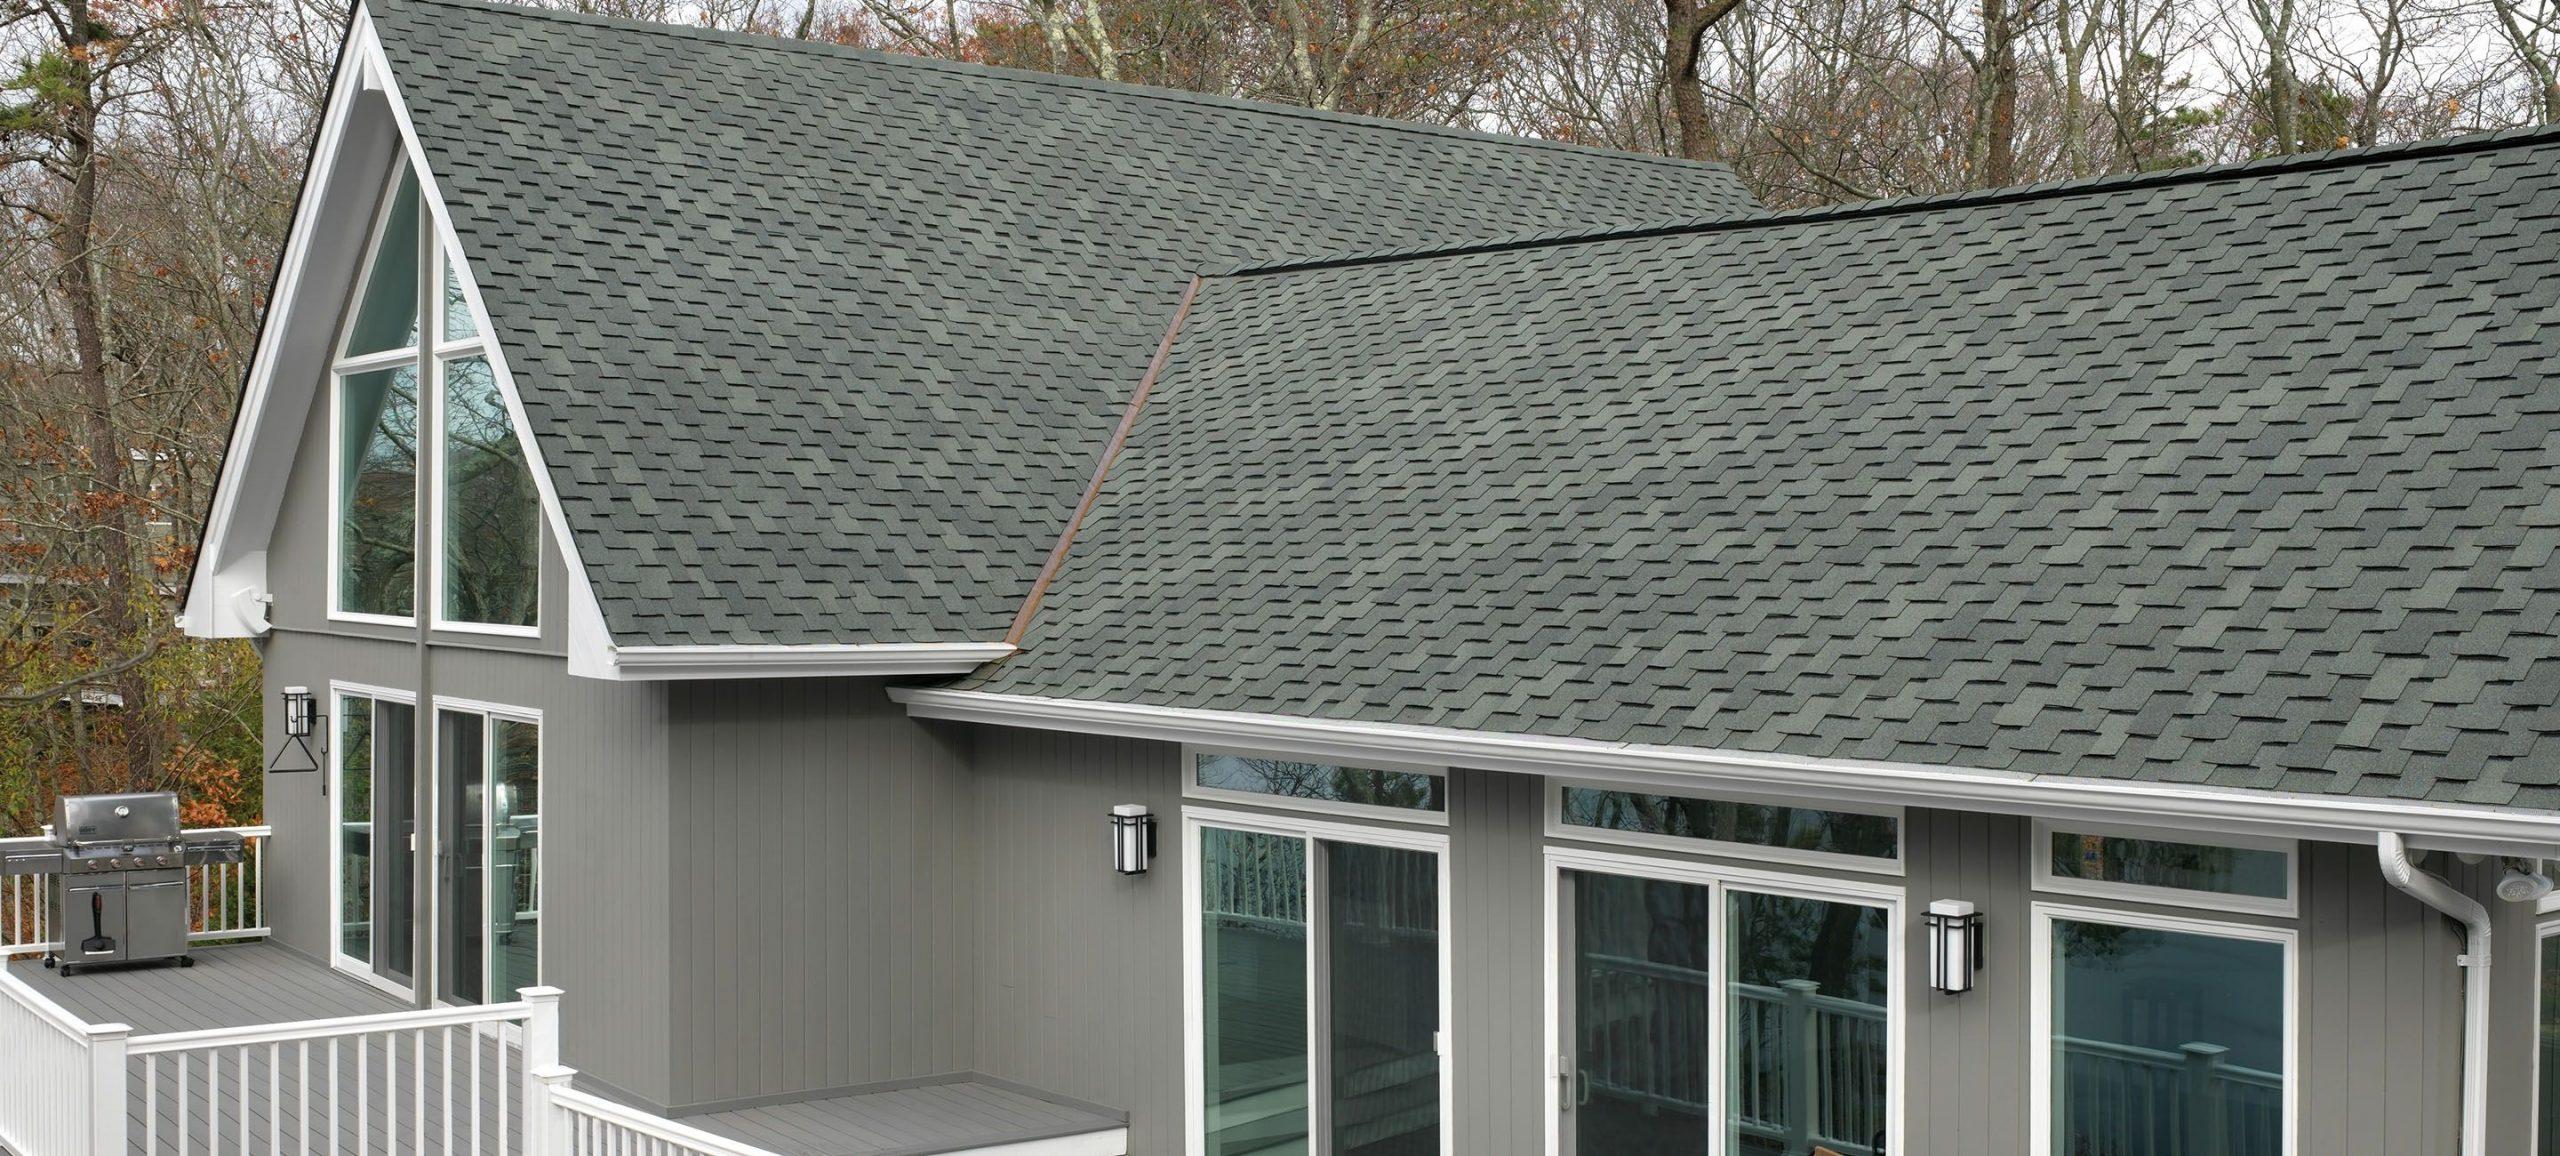 plural of roof merriam webster